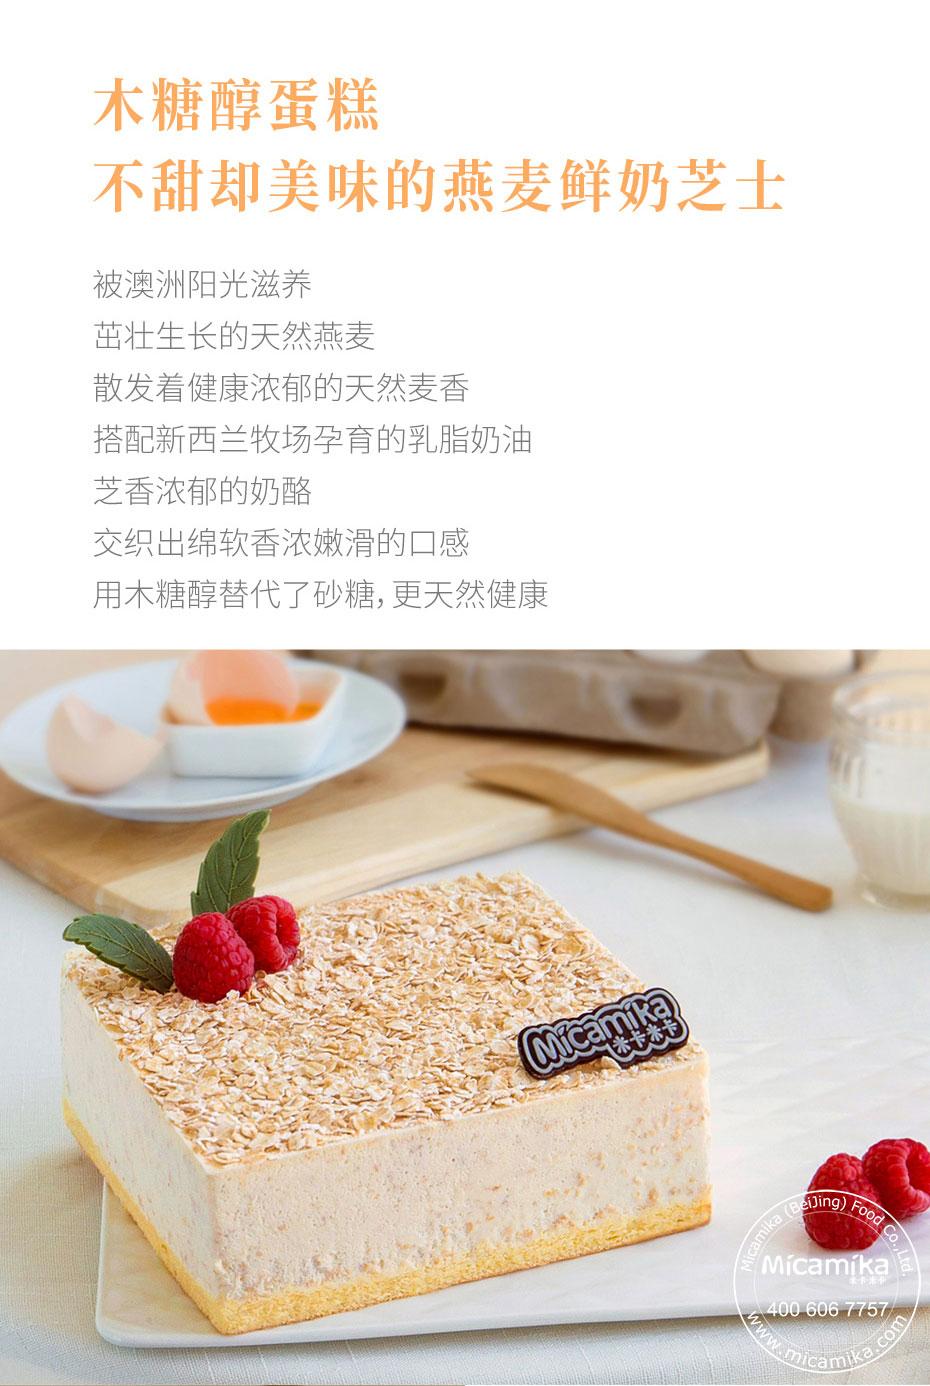 麦语暗香_03